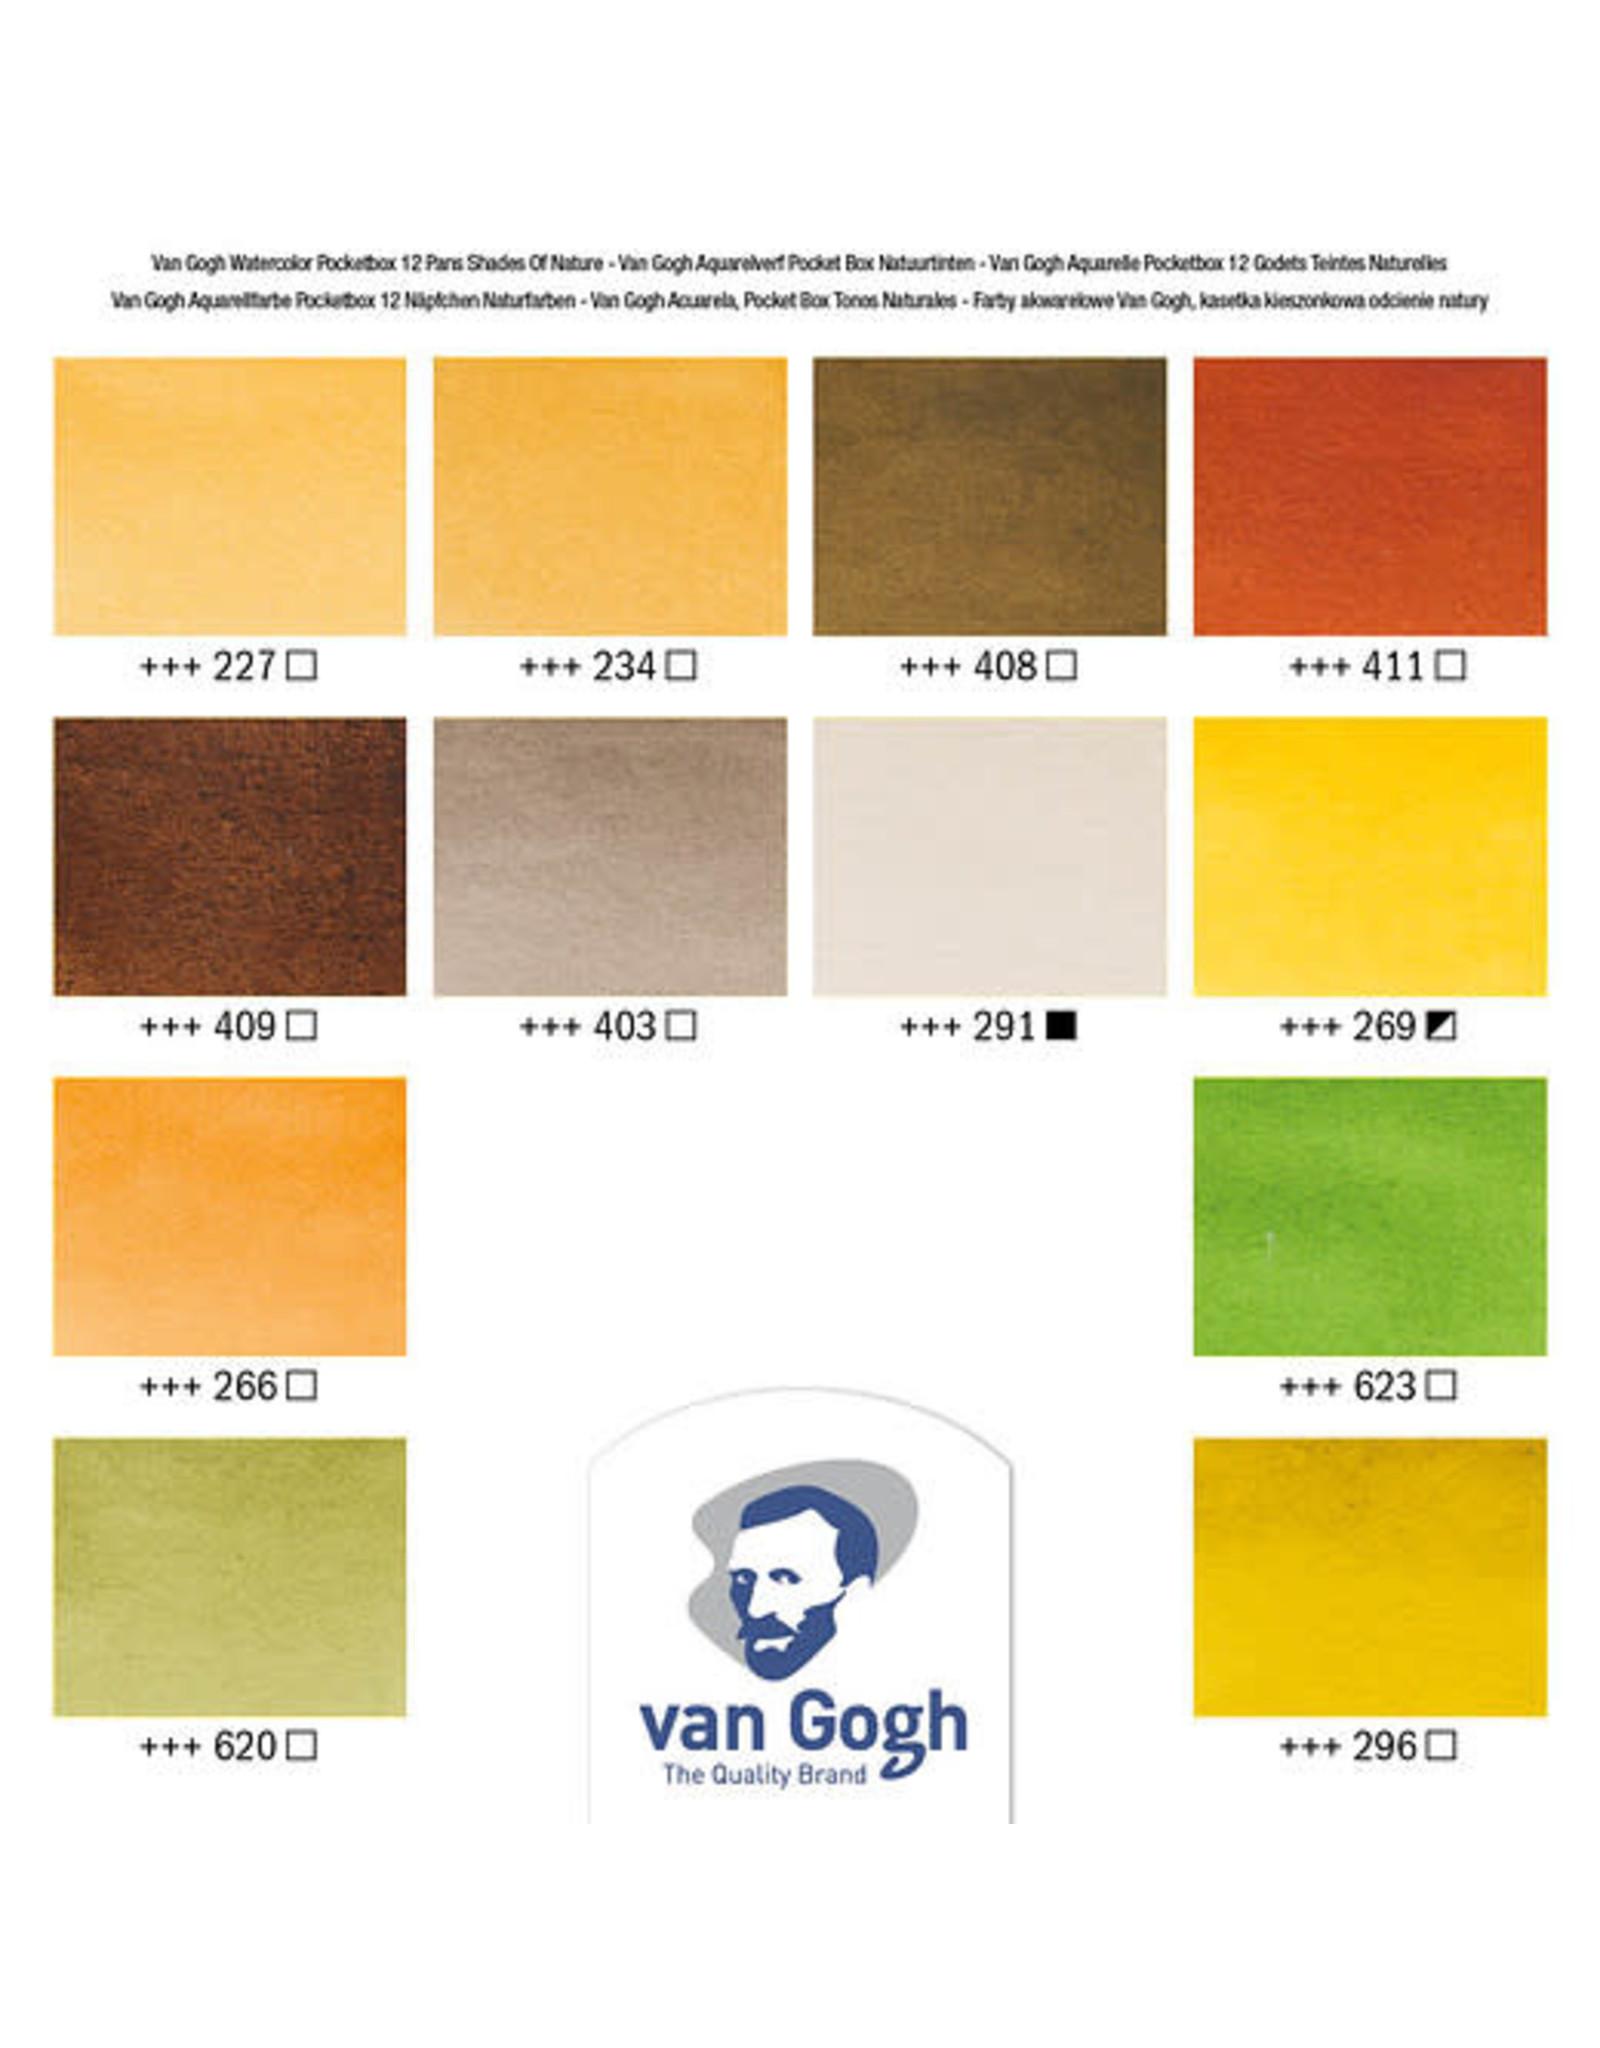 Van gogh Van Gogh pocket box shades of nature